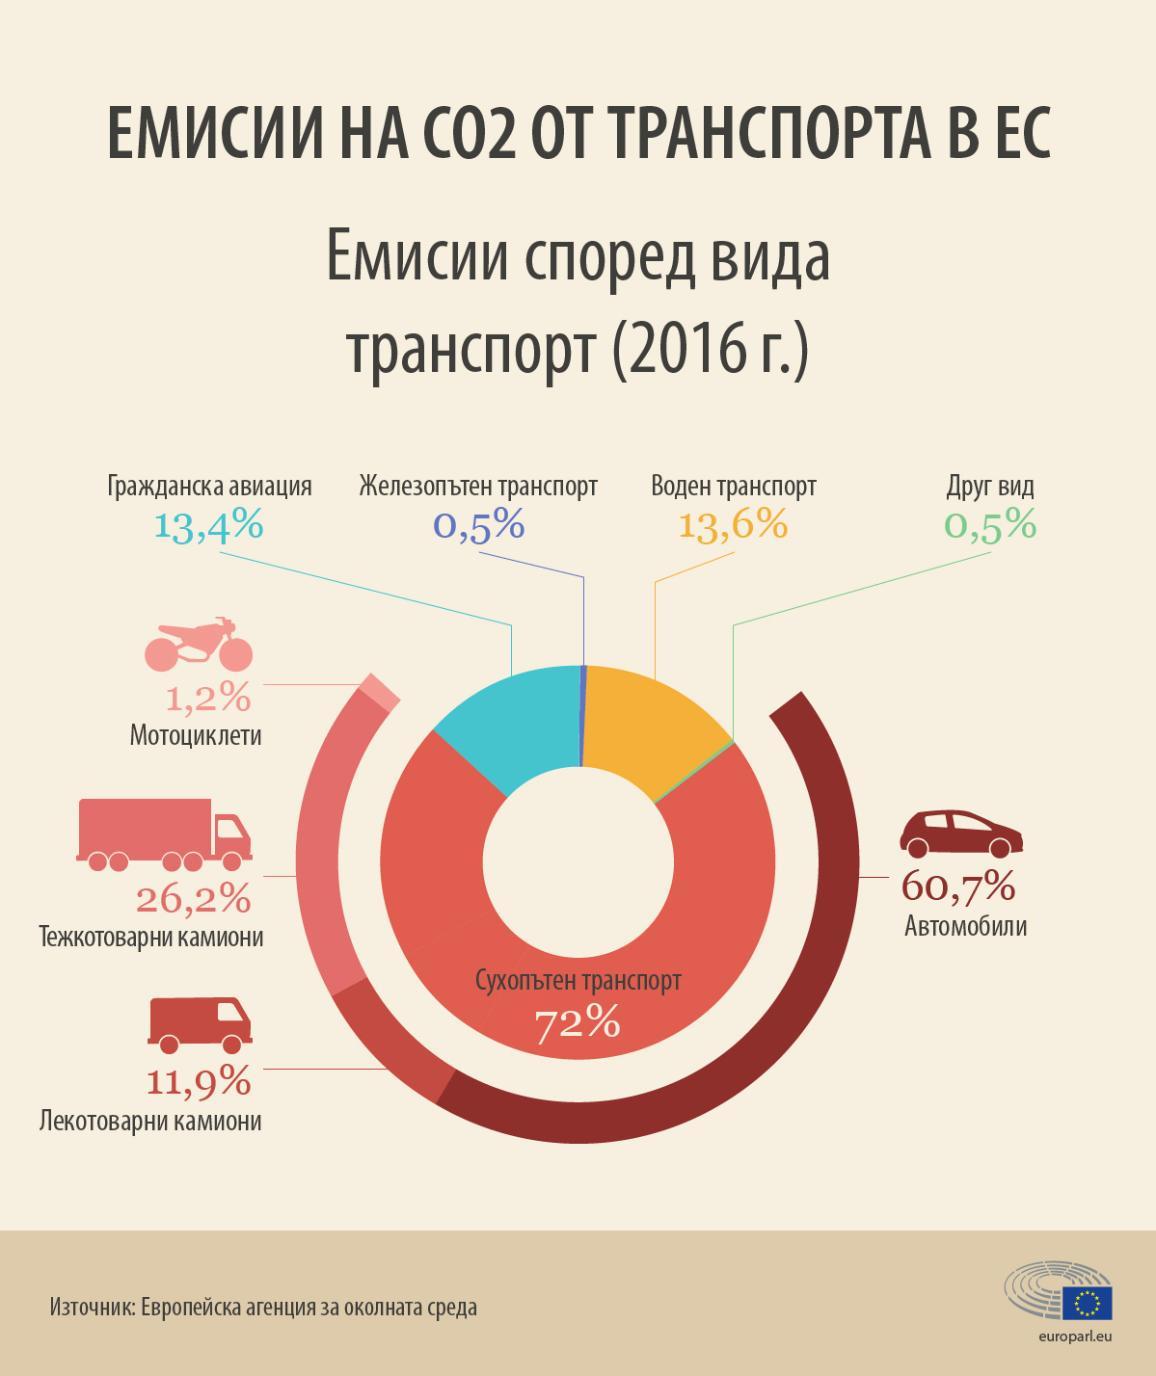 Инфографика: Емисии на въглероден диоксид според вида транспорт